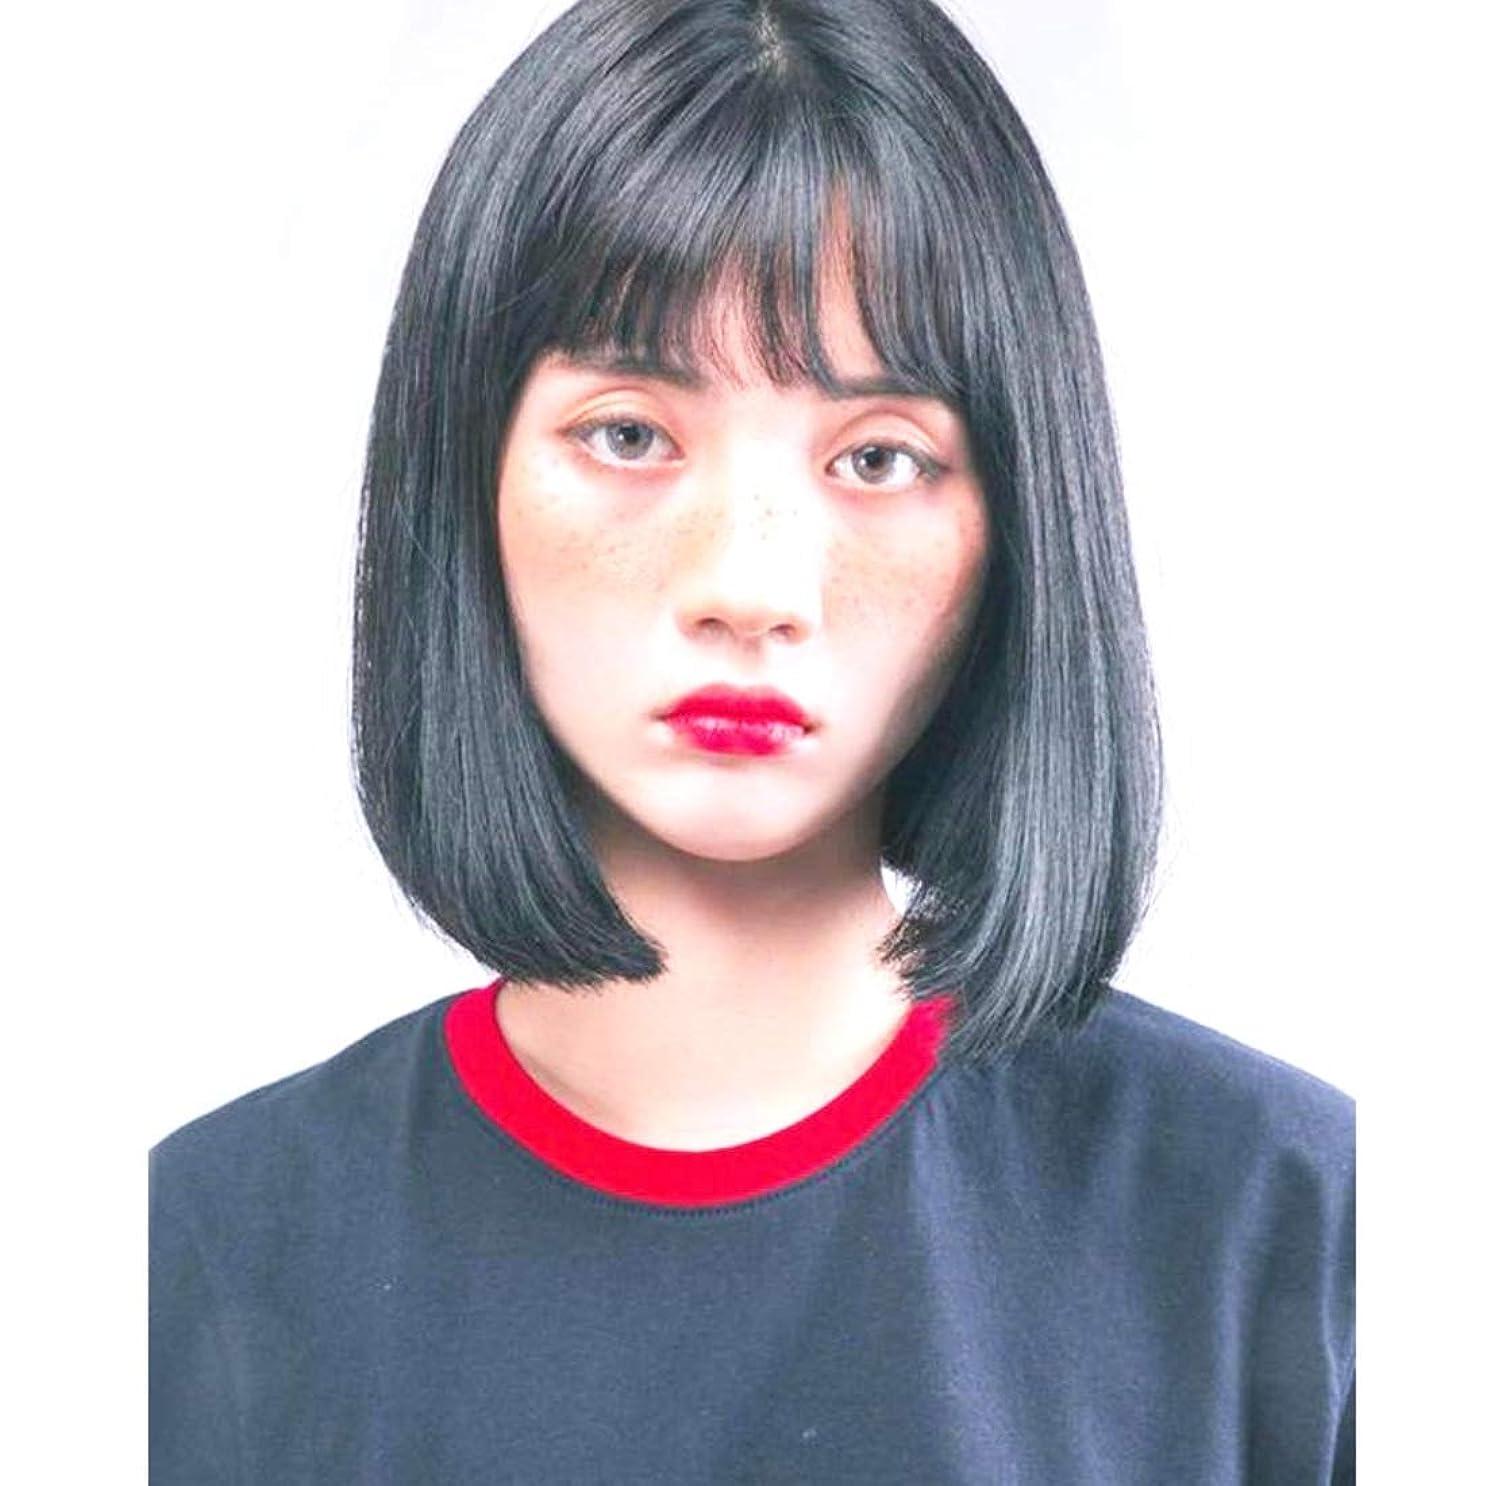 実験をするインテリアライオネルグリーンストリートKerwinner ボブウィッグショートストレート人工毛髪前髪自然に見える女性用耐熱性